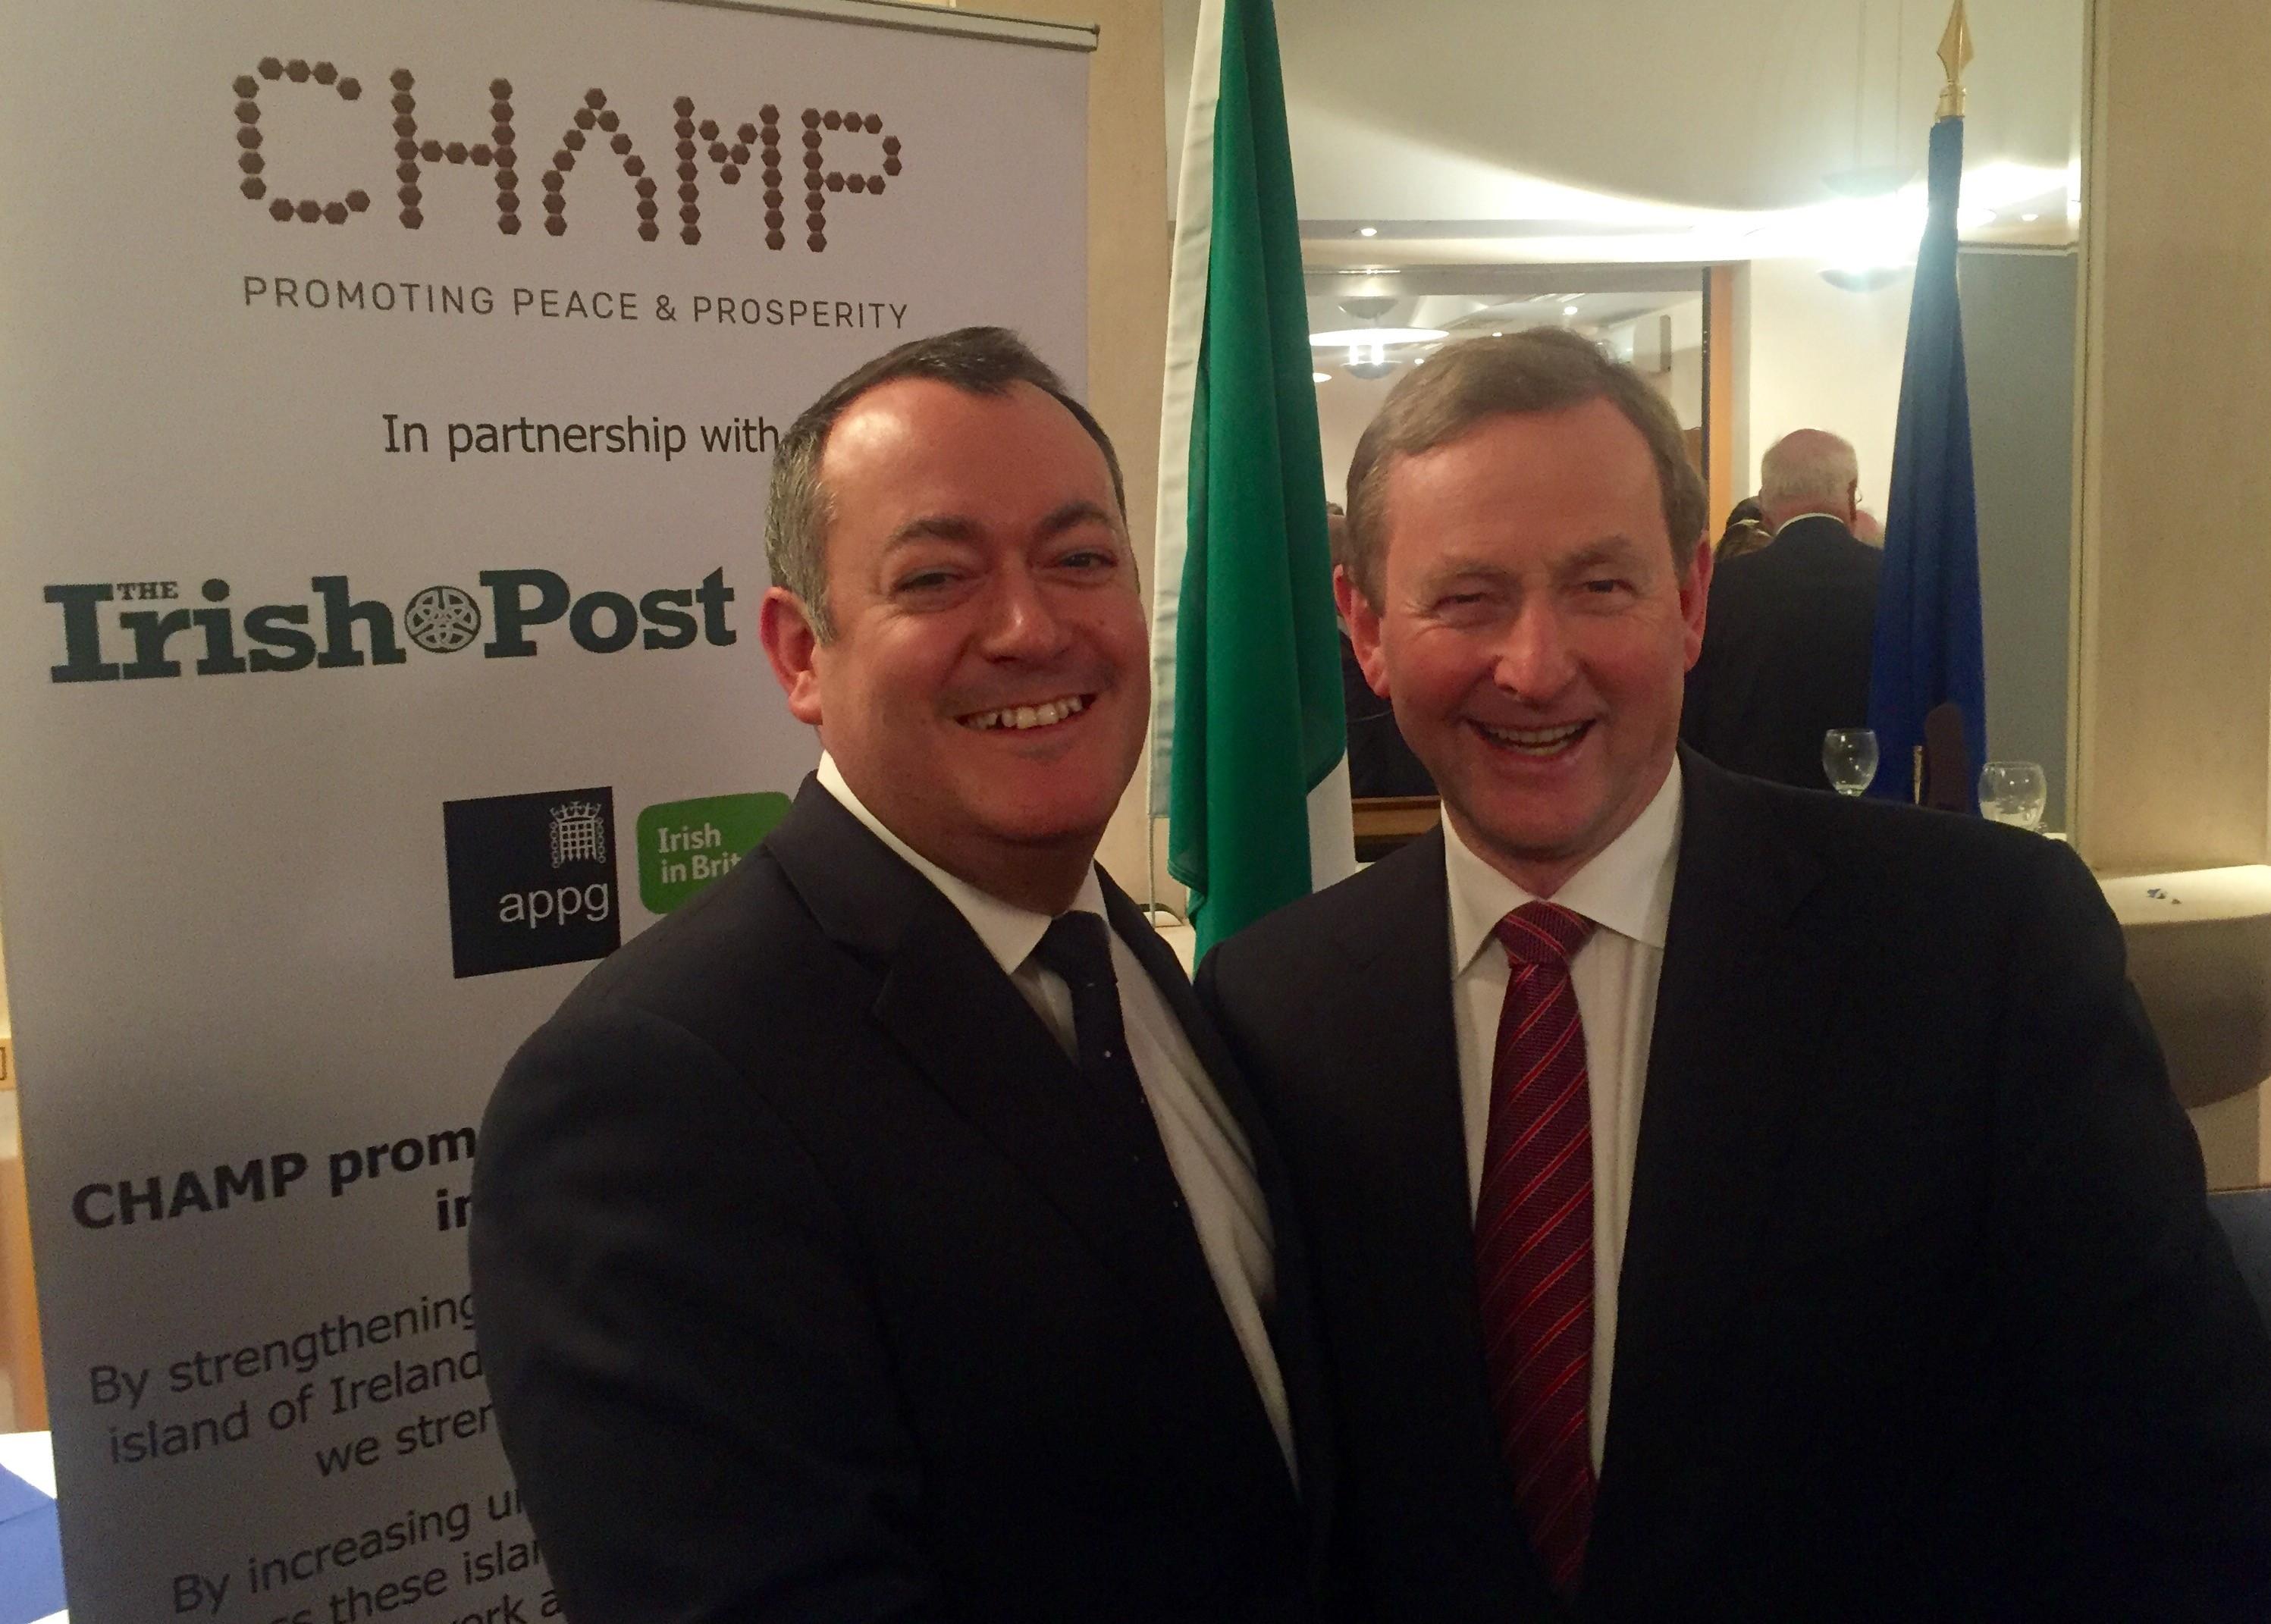 Dublin_Champ.jpg